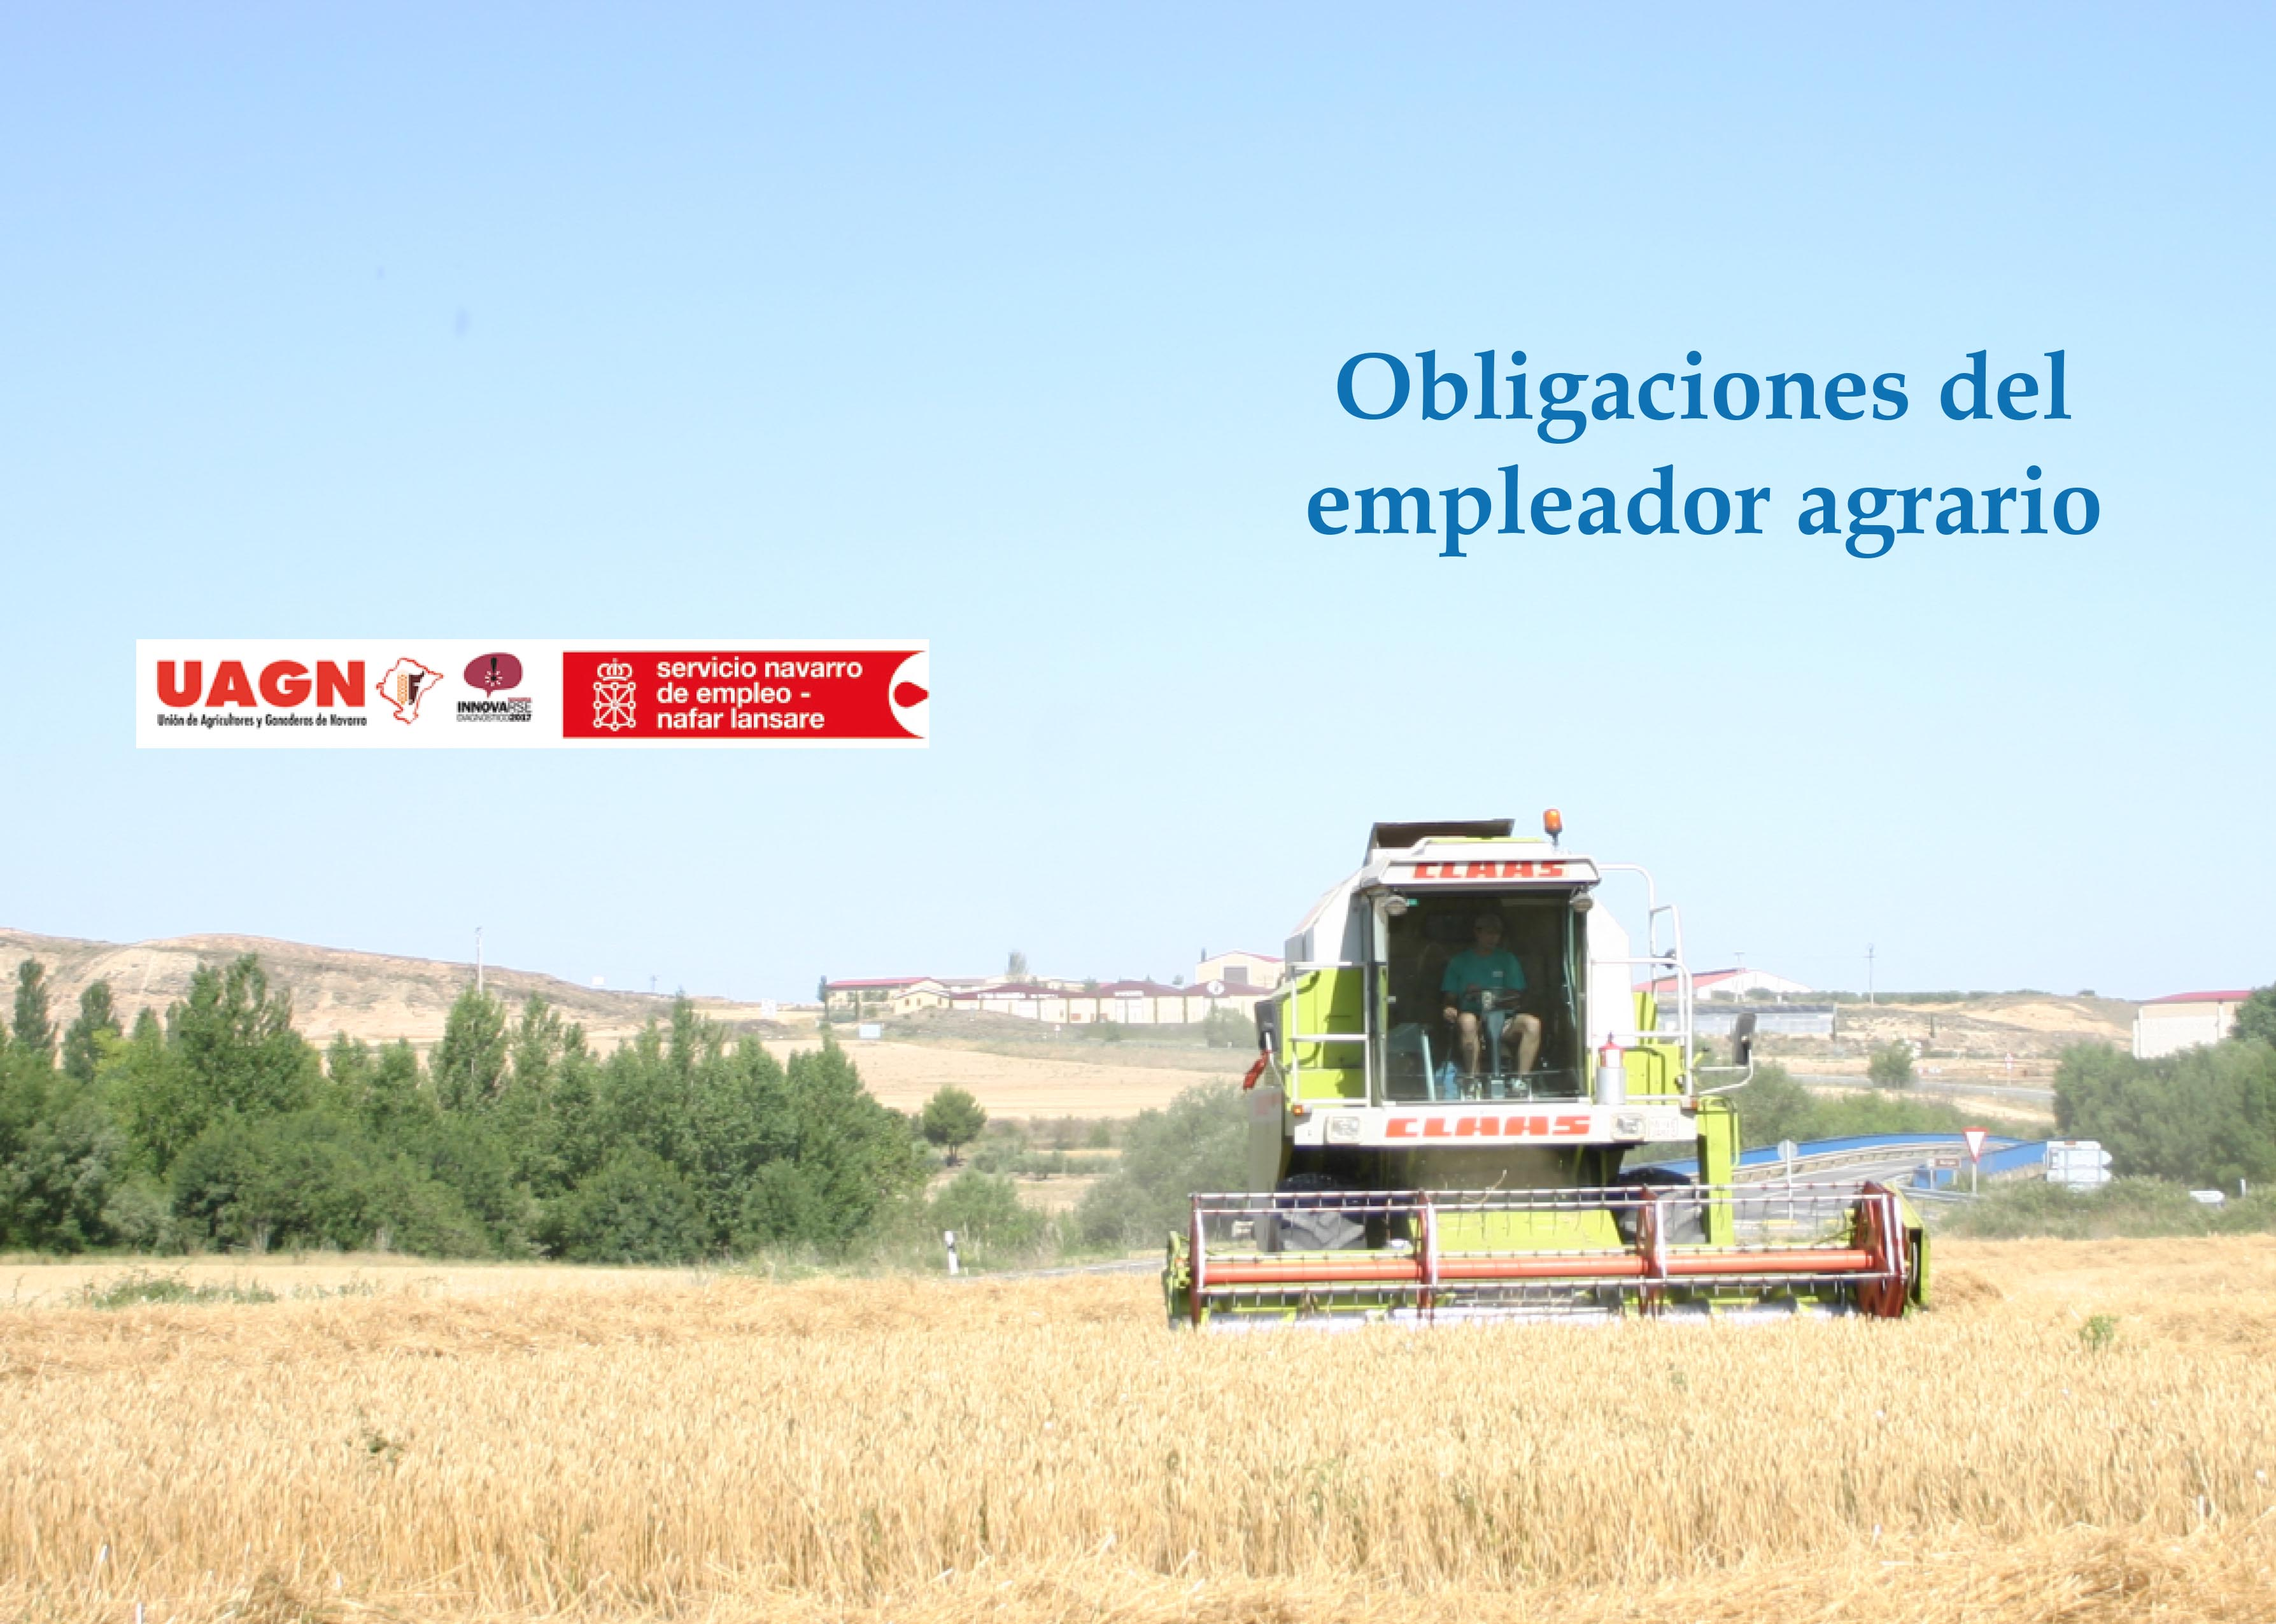 Obligaciones del empleador agrario